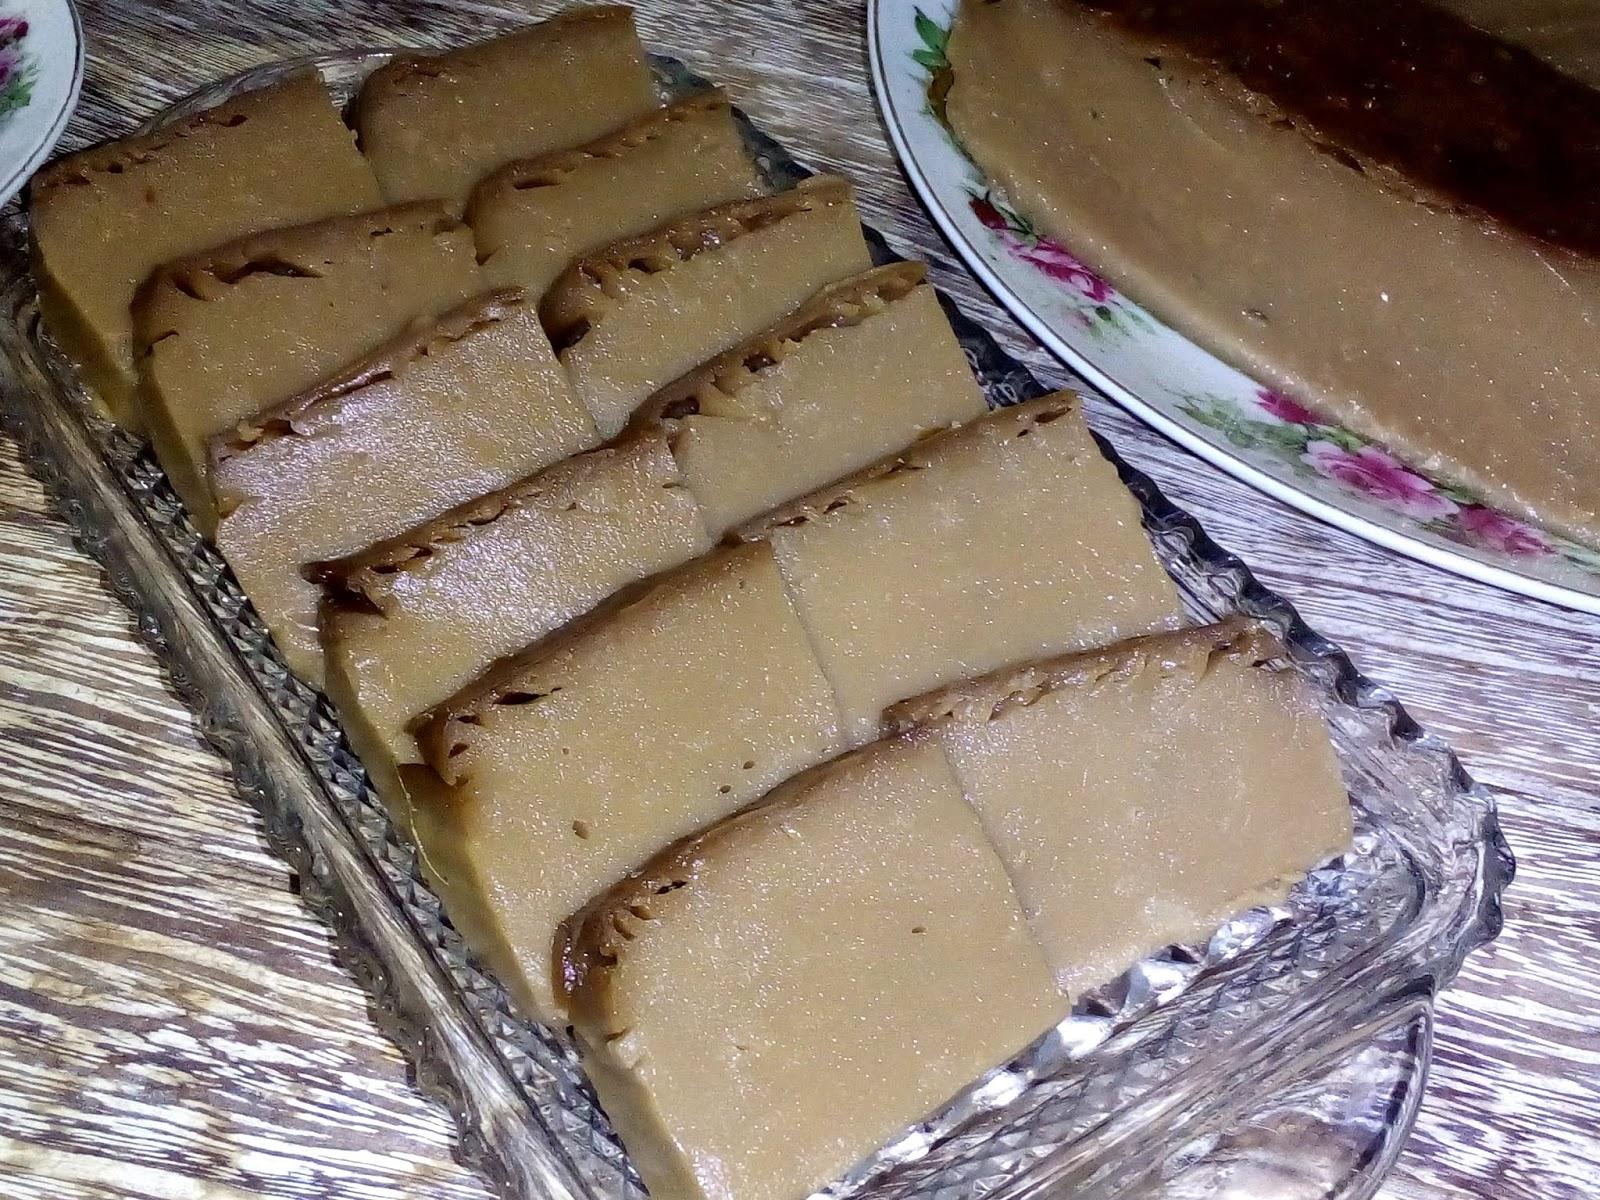 bingka tepung beras azie kitchen hybrid art Resepi Kuih Bingka Gula Merah Enak dan Mudah